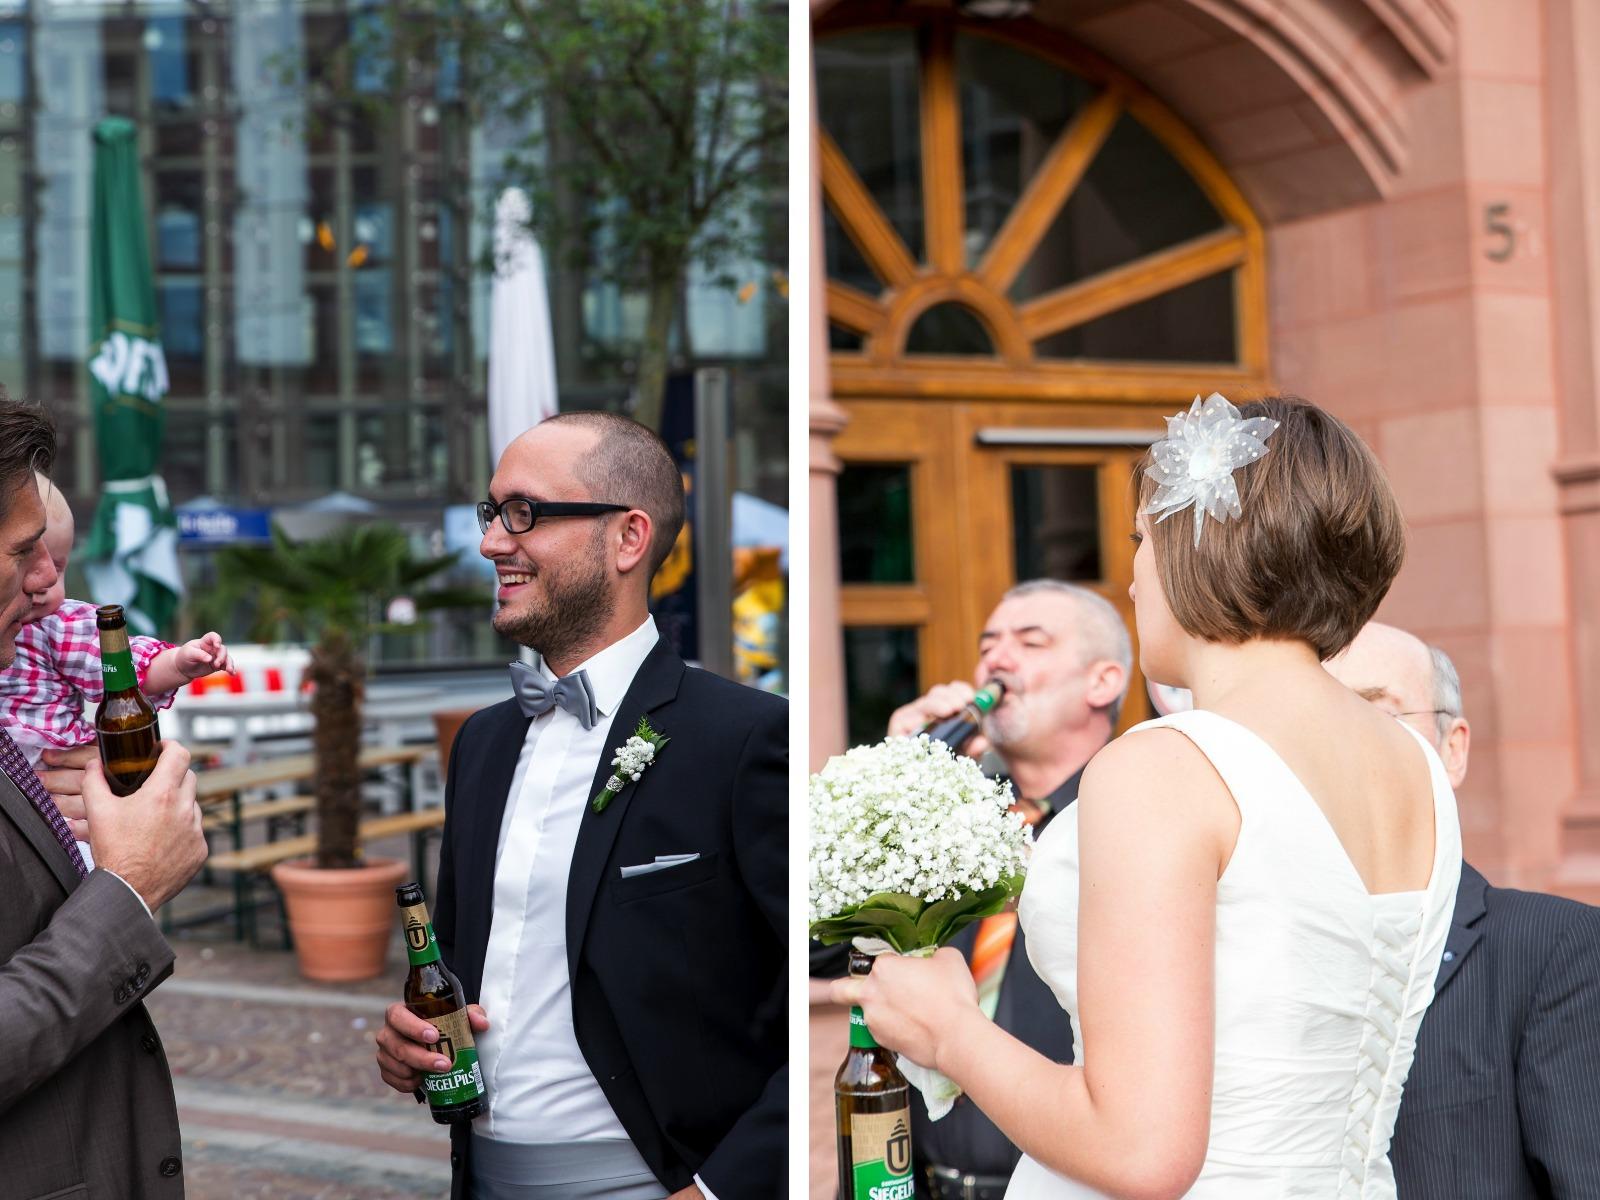 Monstergraphie_Hochzeitsreportage_Dortmund_Zeche_Zollern10.jpg?fit=1600%2C1200